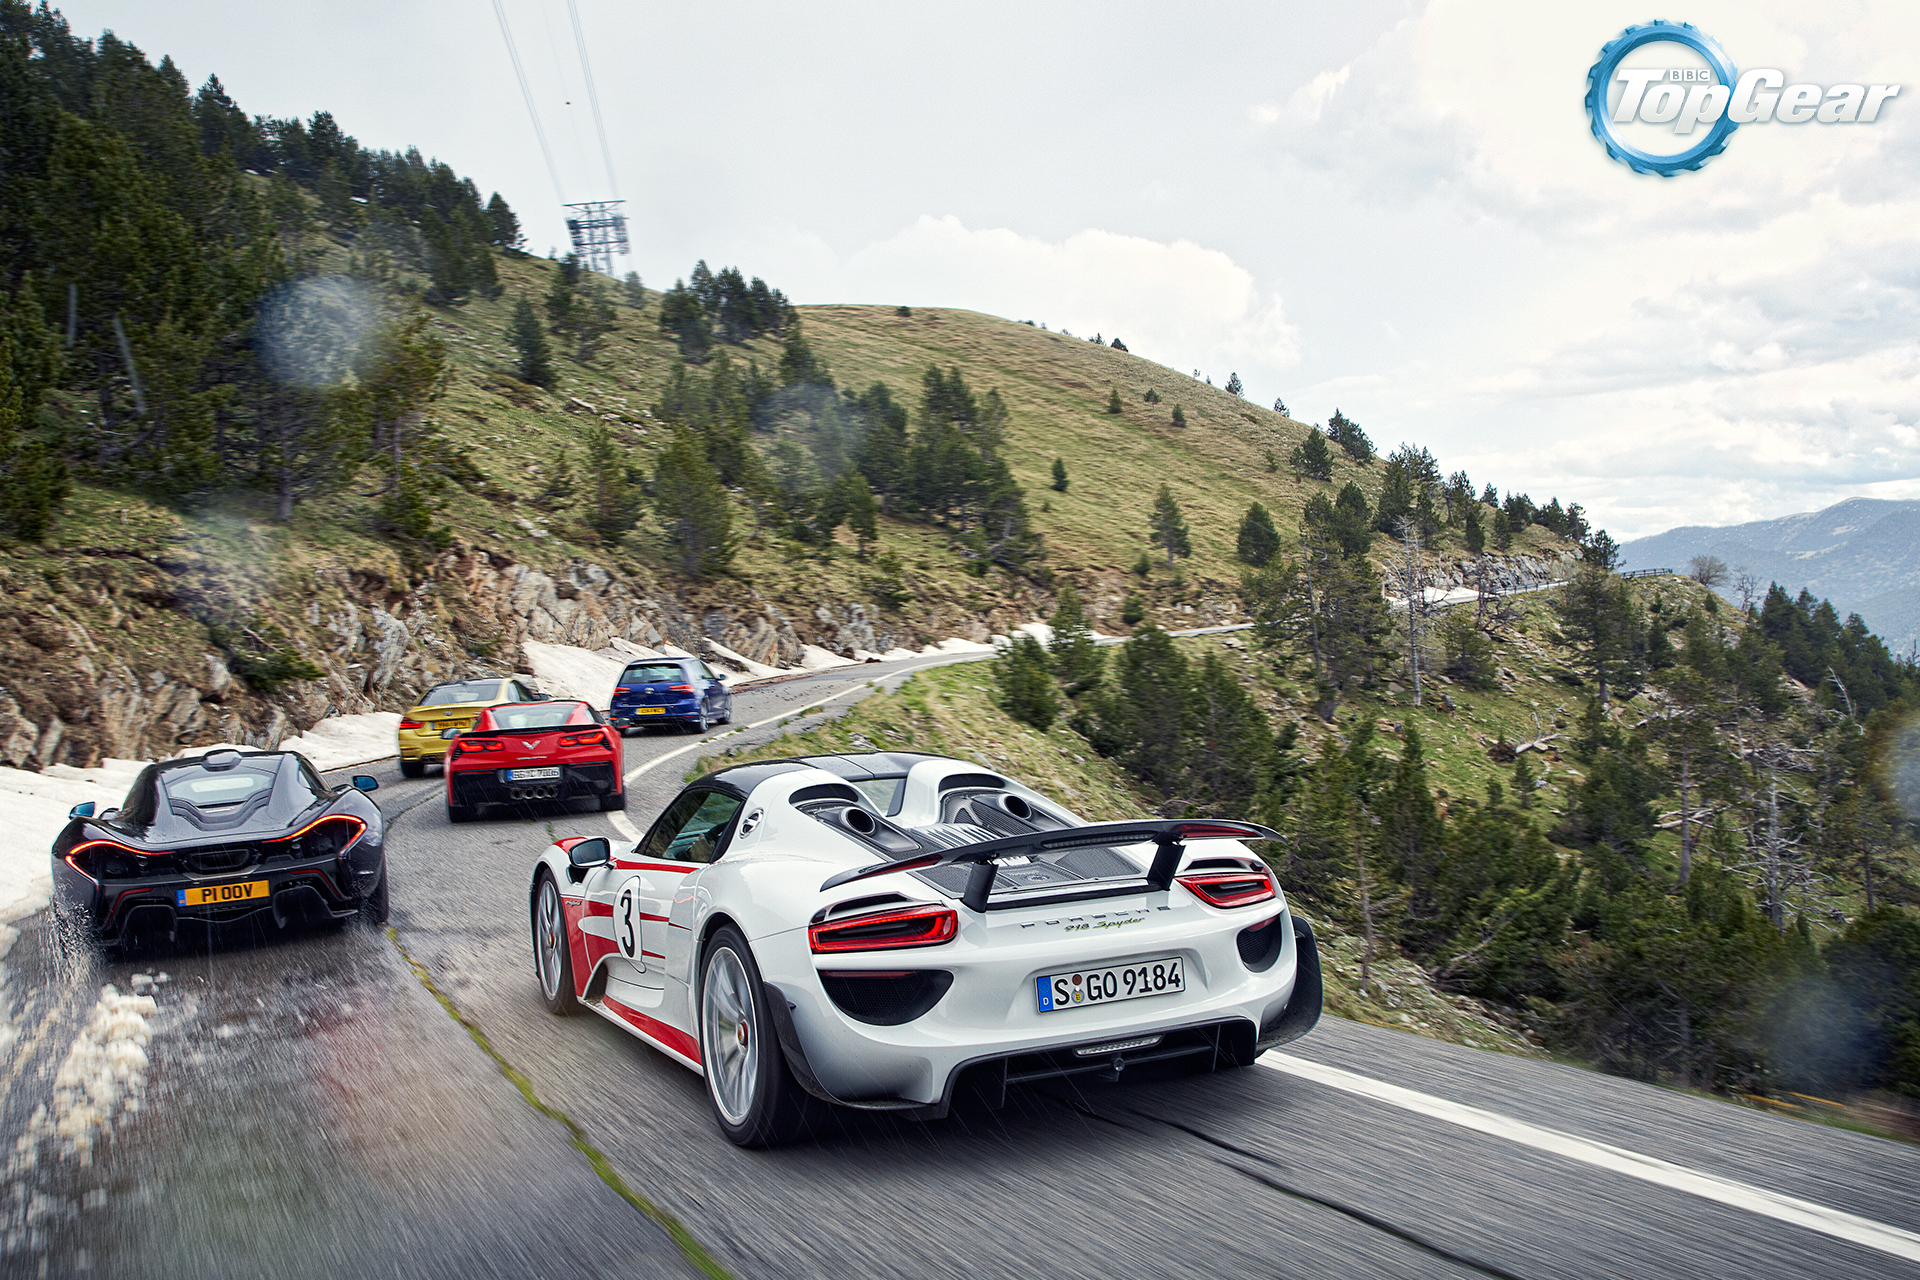 wallpapers top gear speed week